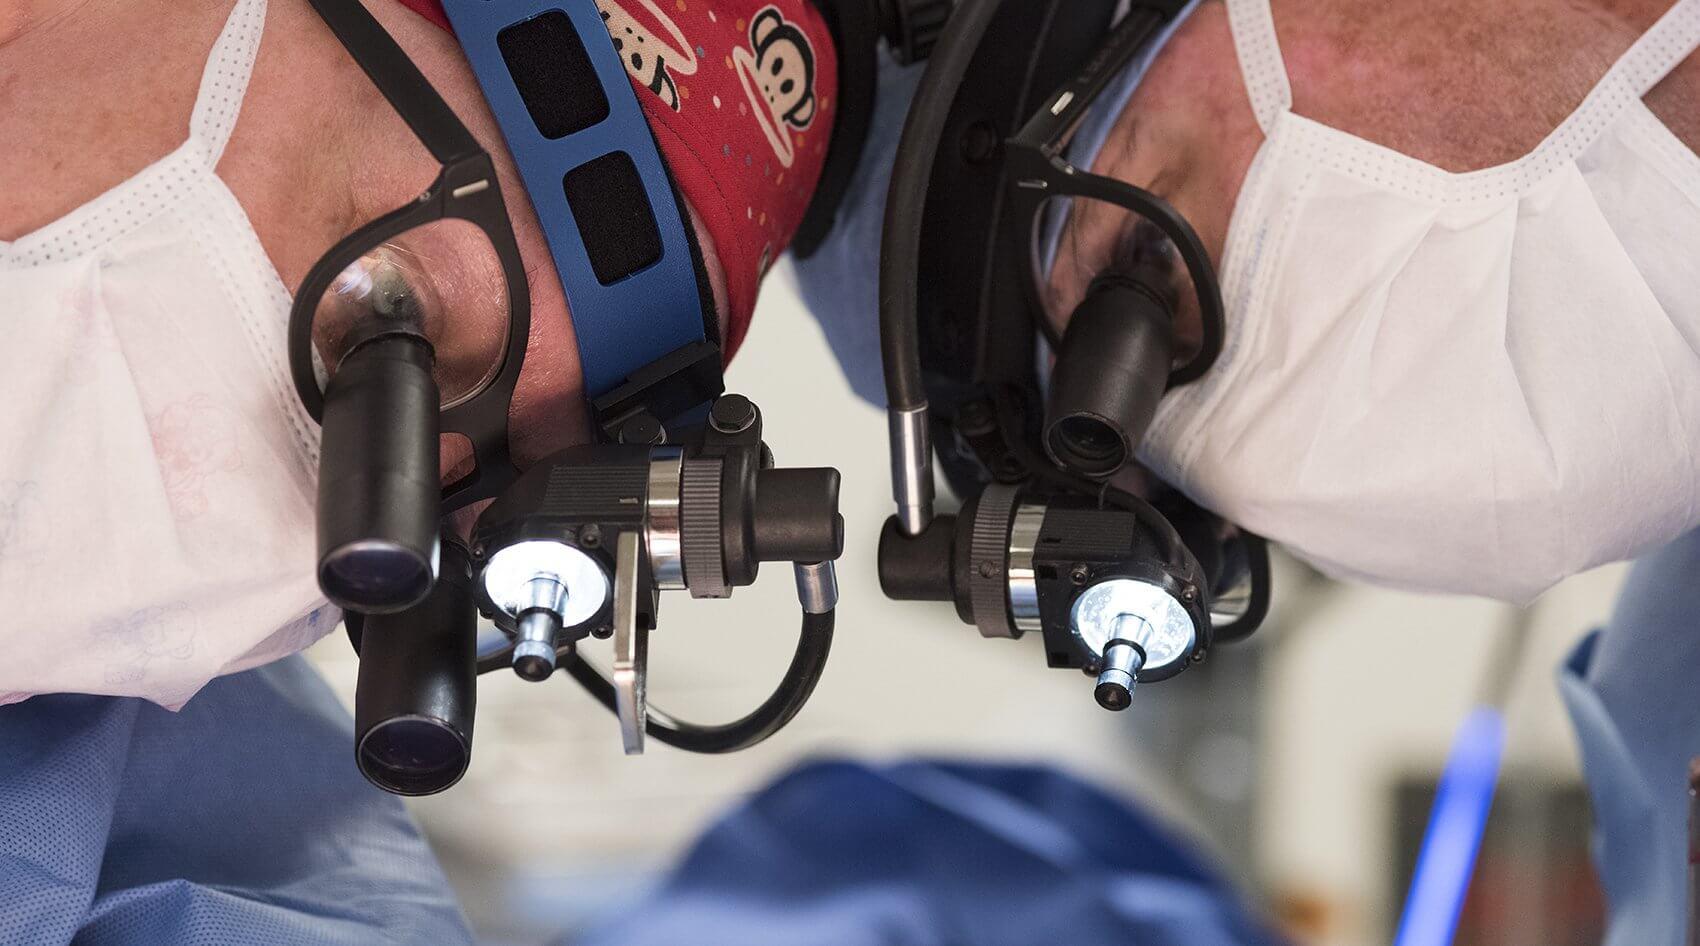 From left – Darrell Cass, M.D., and Dean McKenzie, M.D., pediatric congenital heart surgeon at Texas Children's Hospital and associate professor of congenital heart surgery at Baylor College of Medicine. (Credit: Paul Vincent Kuntz/Texas Children's Hospital)